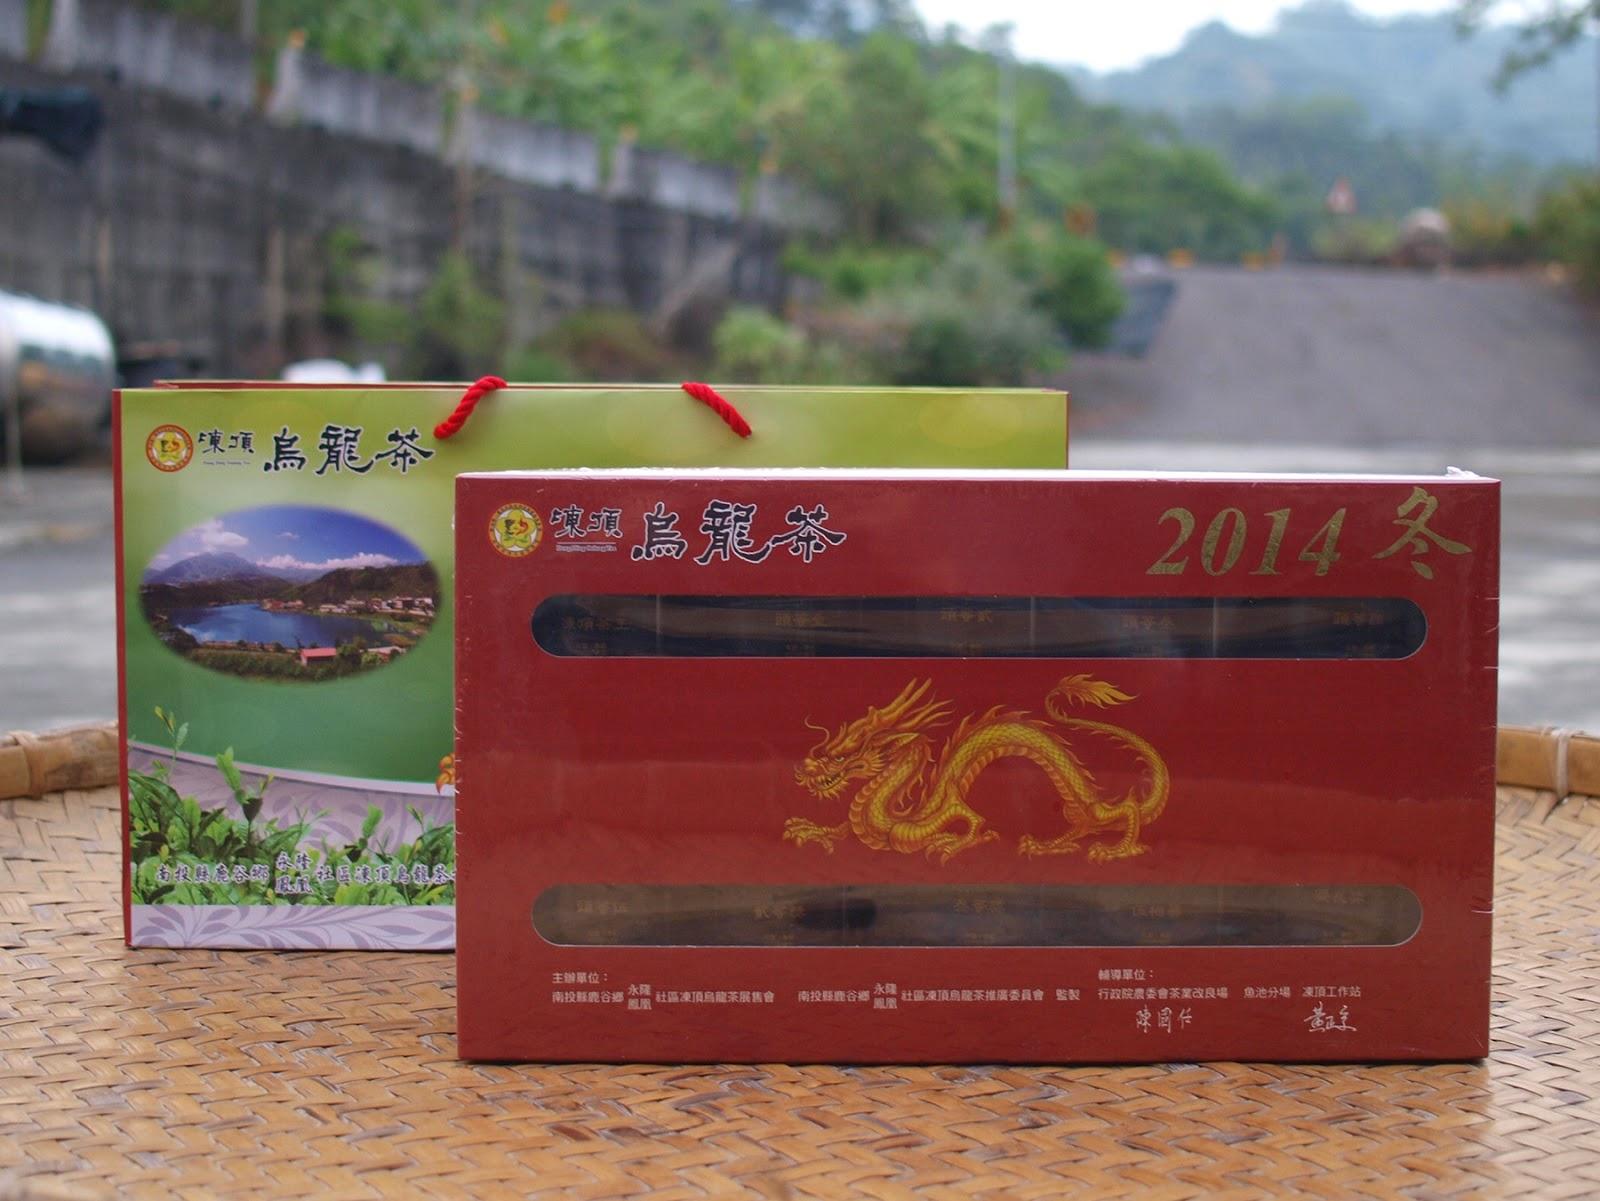 永隆鳳凰社區比賽茶 一條龍禮盒